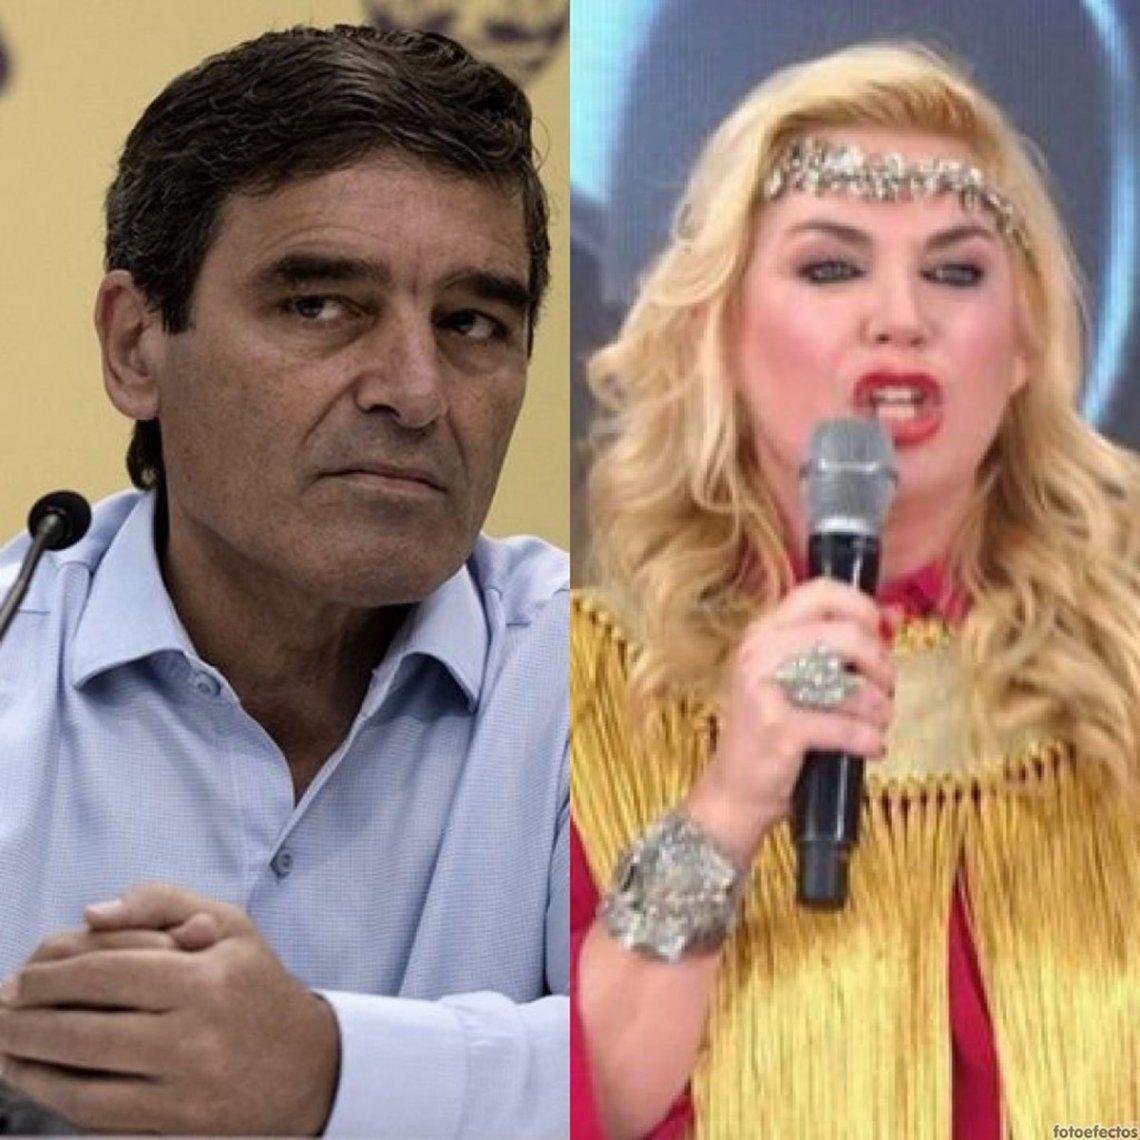 El ministro de Salud porteño explicó qué pasó con el falso positivo de Esmeralda Mitre